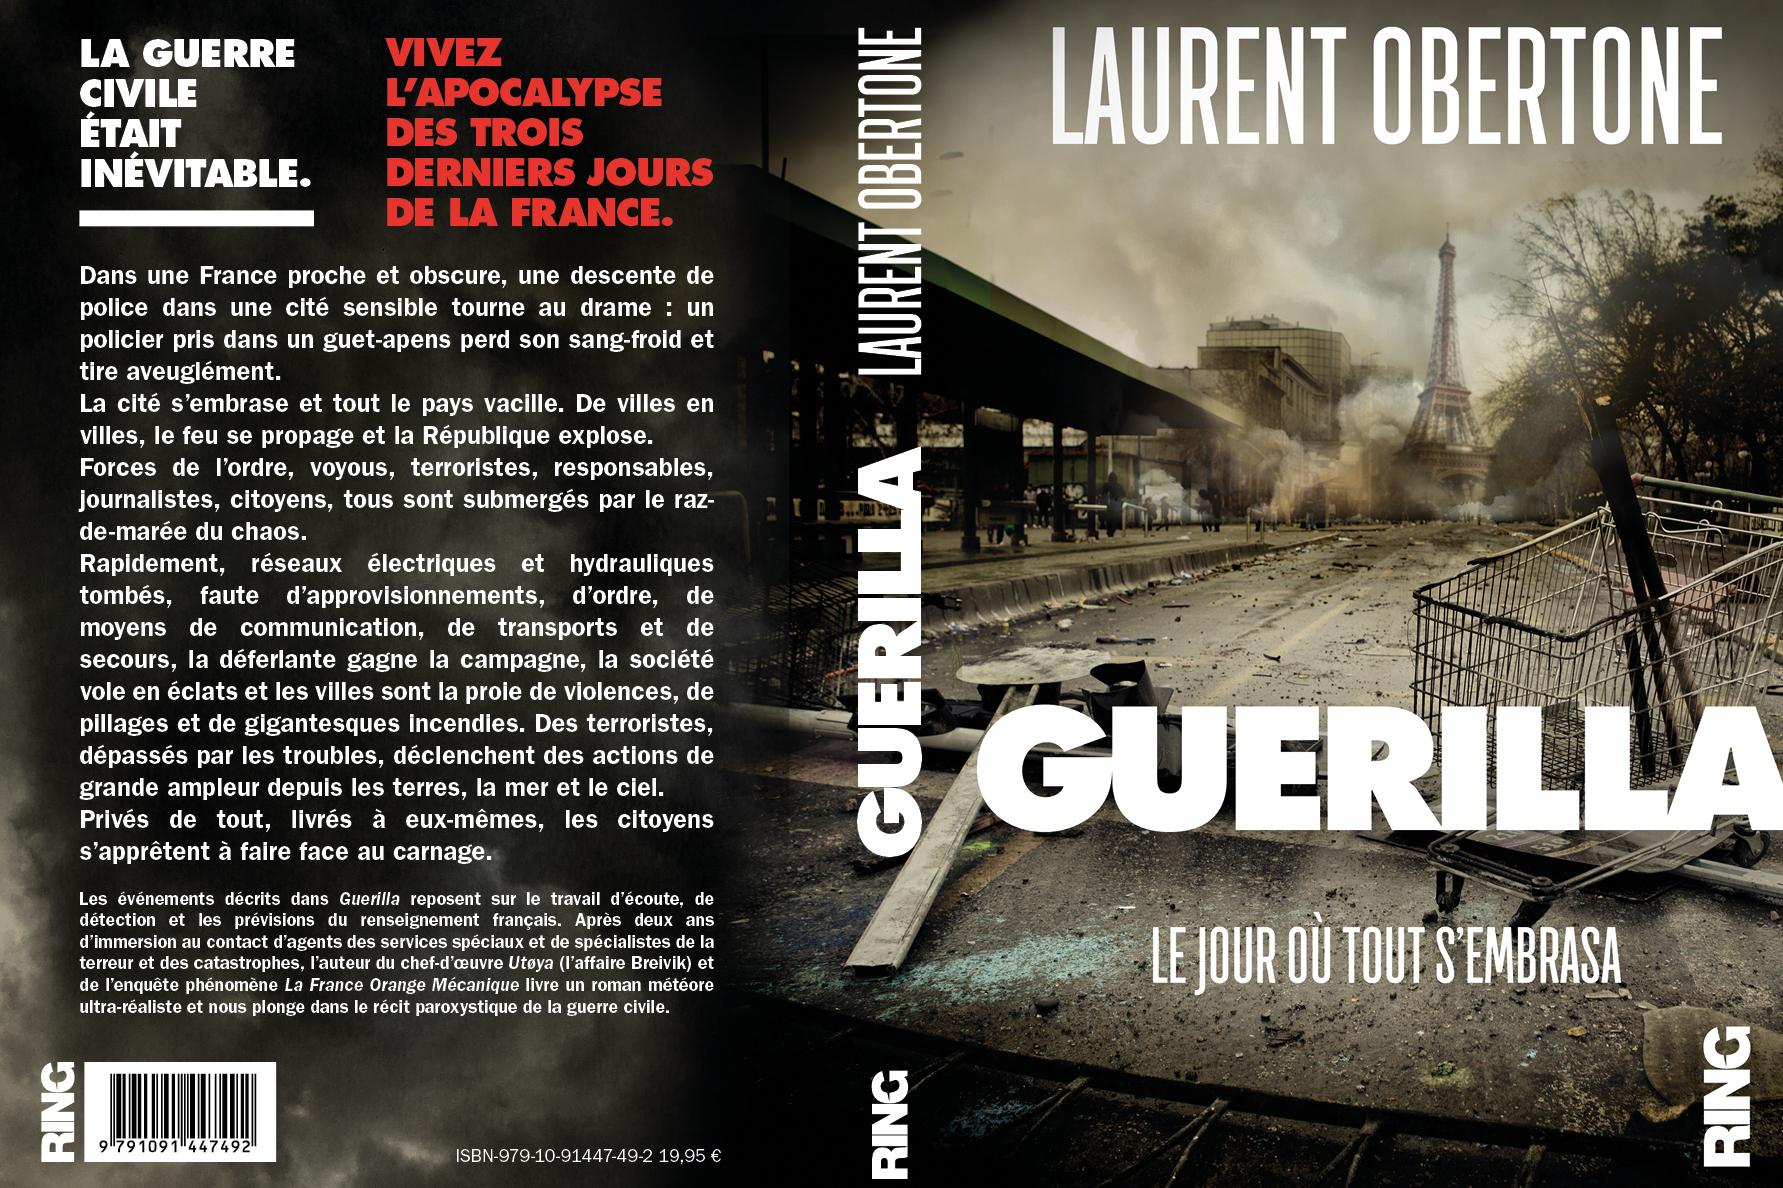 guerilla-laurent-obertone-editions-ring